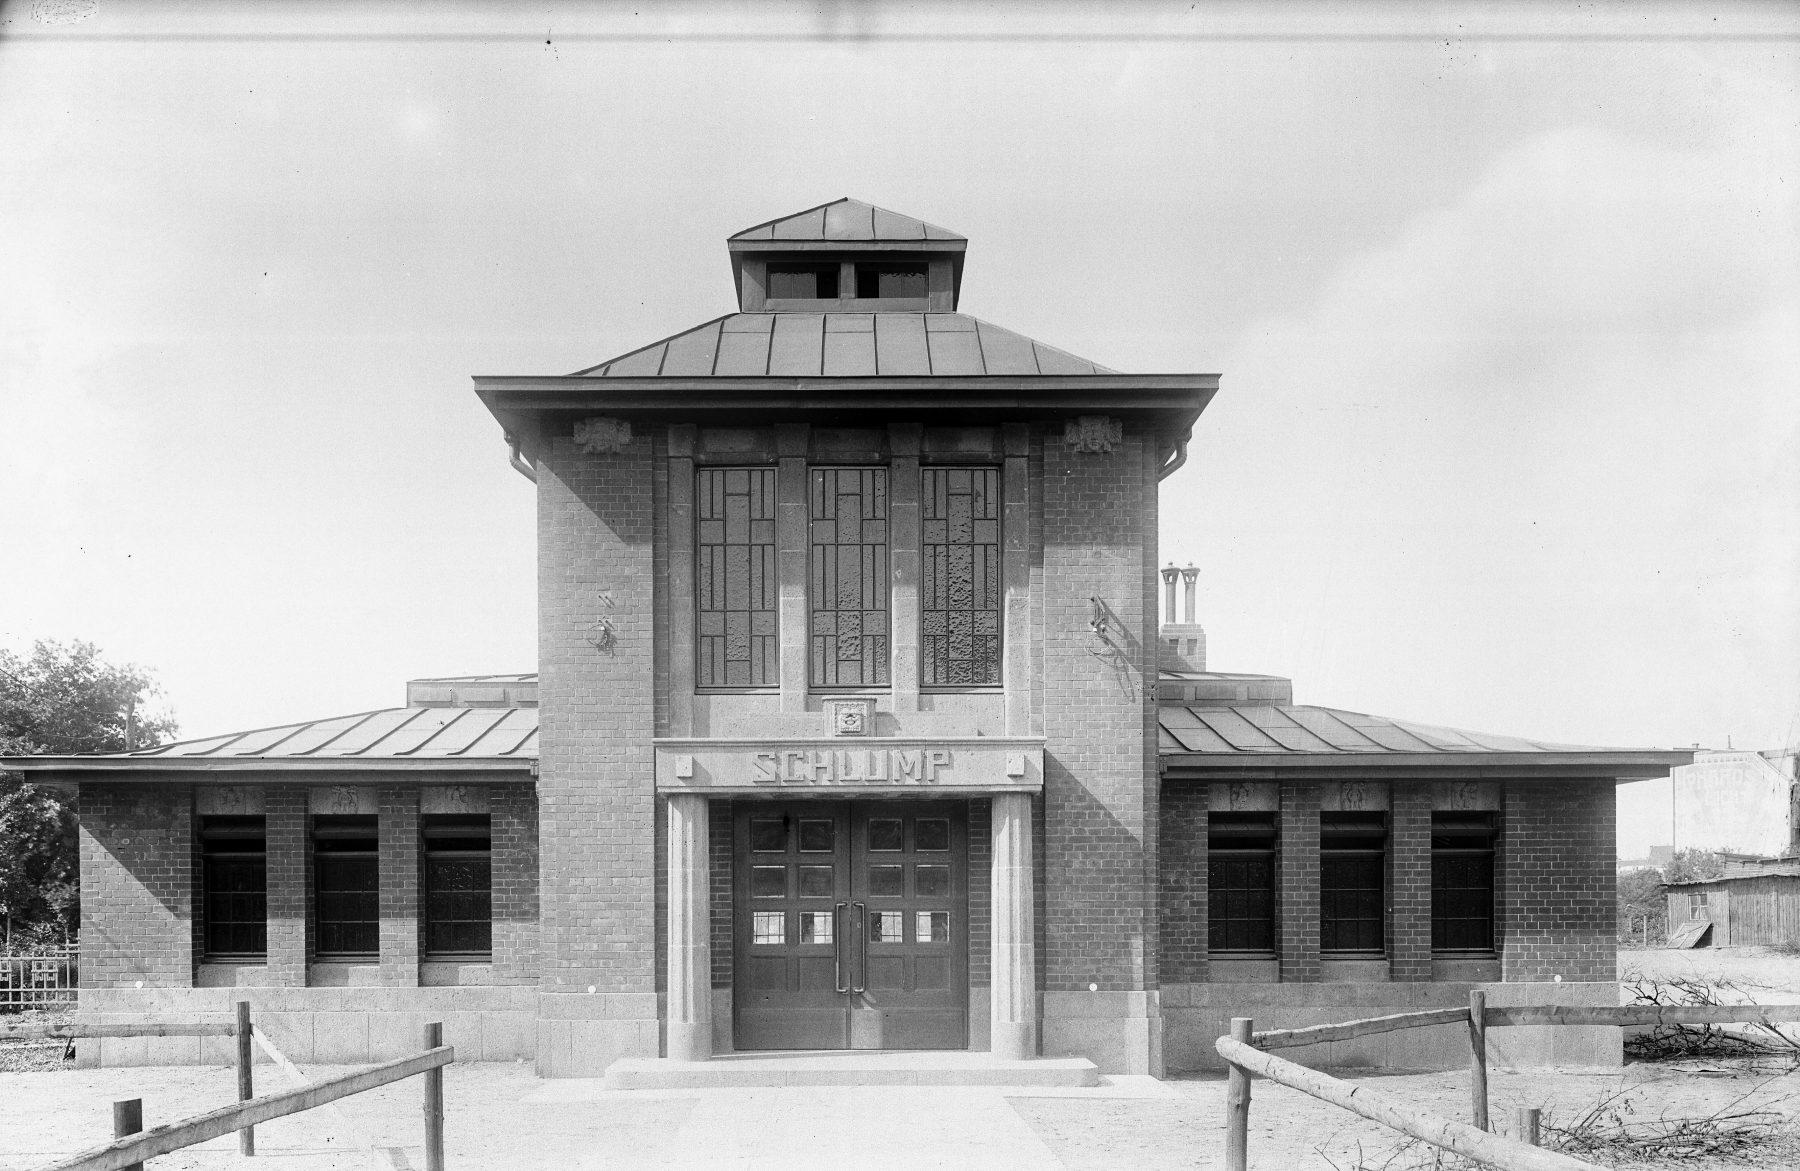 Die U-Bahnstation Schlump im Jahr 1912. 1943 zerstörte eine Bombe das Gebäude und der heutige Glas-Stahl-Bau entstand.